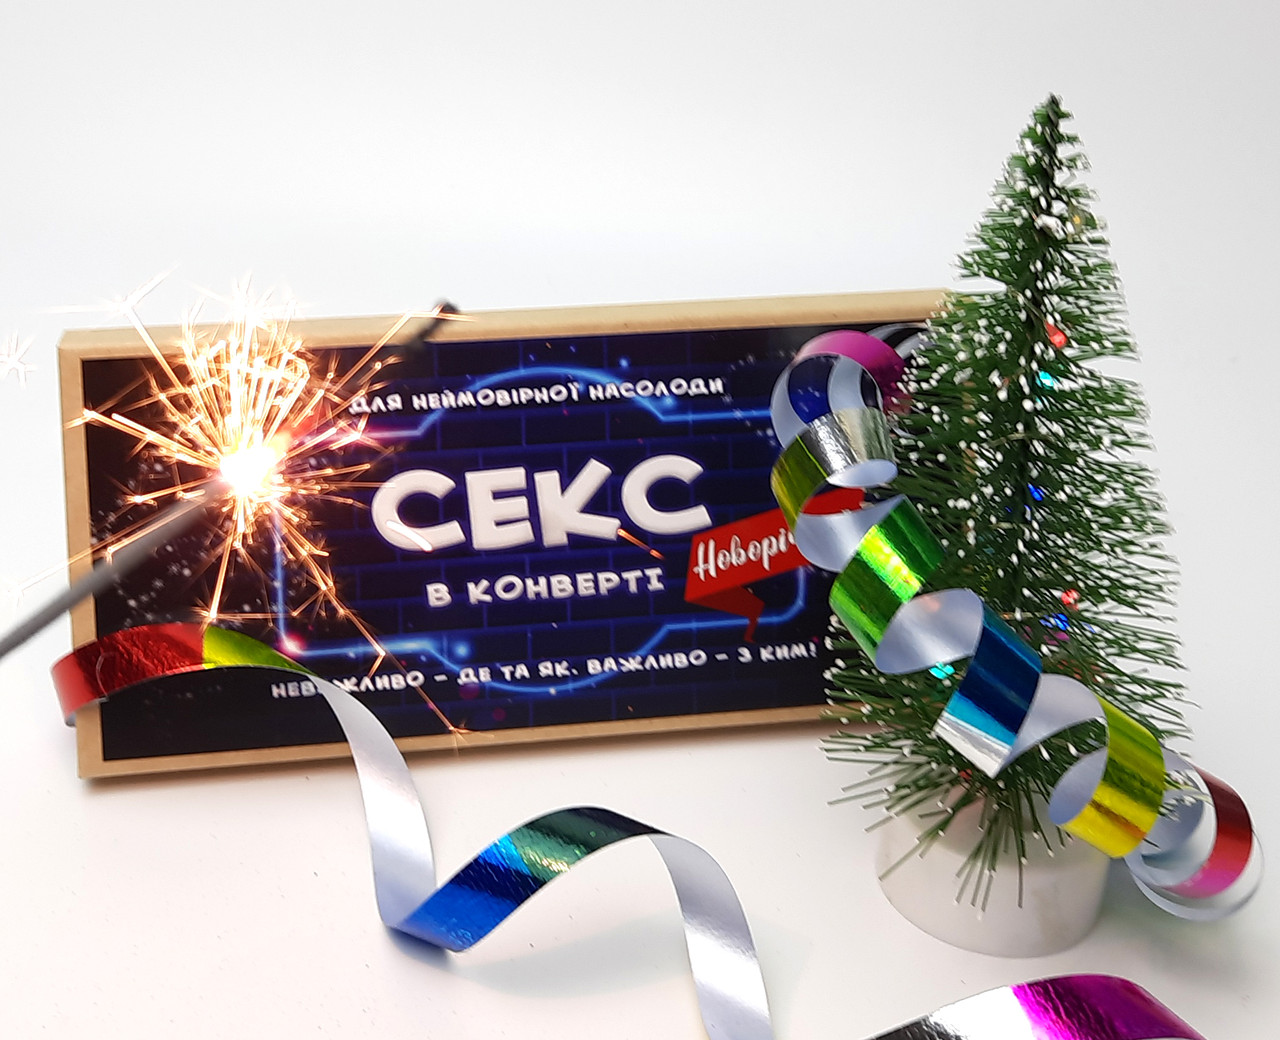 Секс в конверте новогодний -  необычный сувенир на новый год, новогодний подарок для пары, для влюбленных